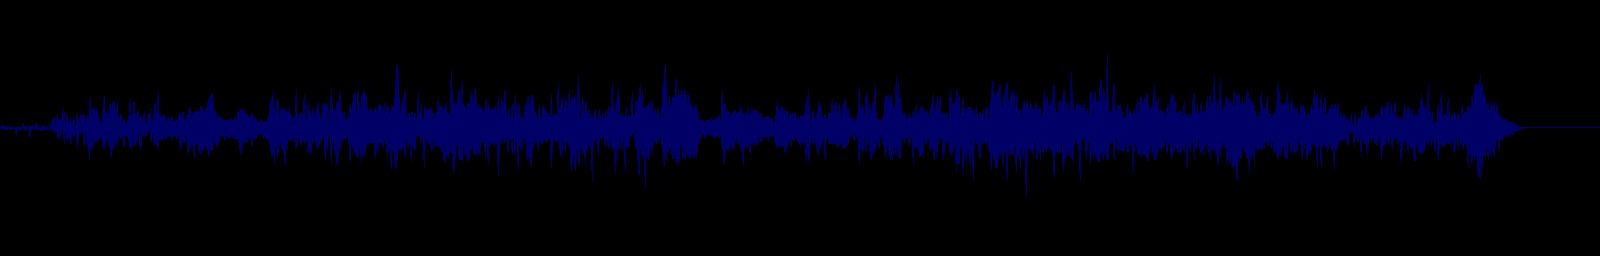 waveform of track #95472